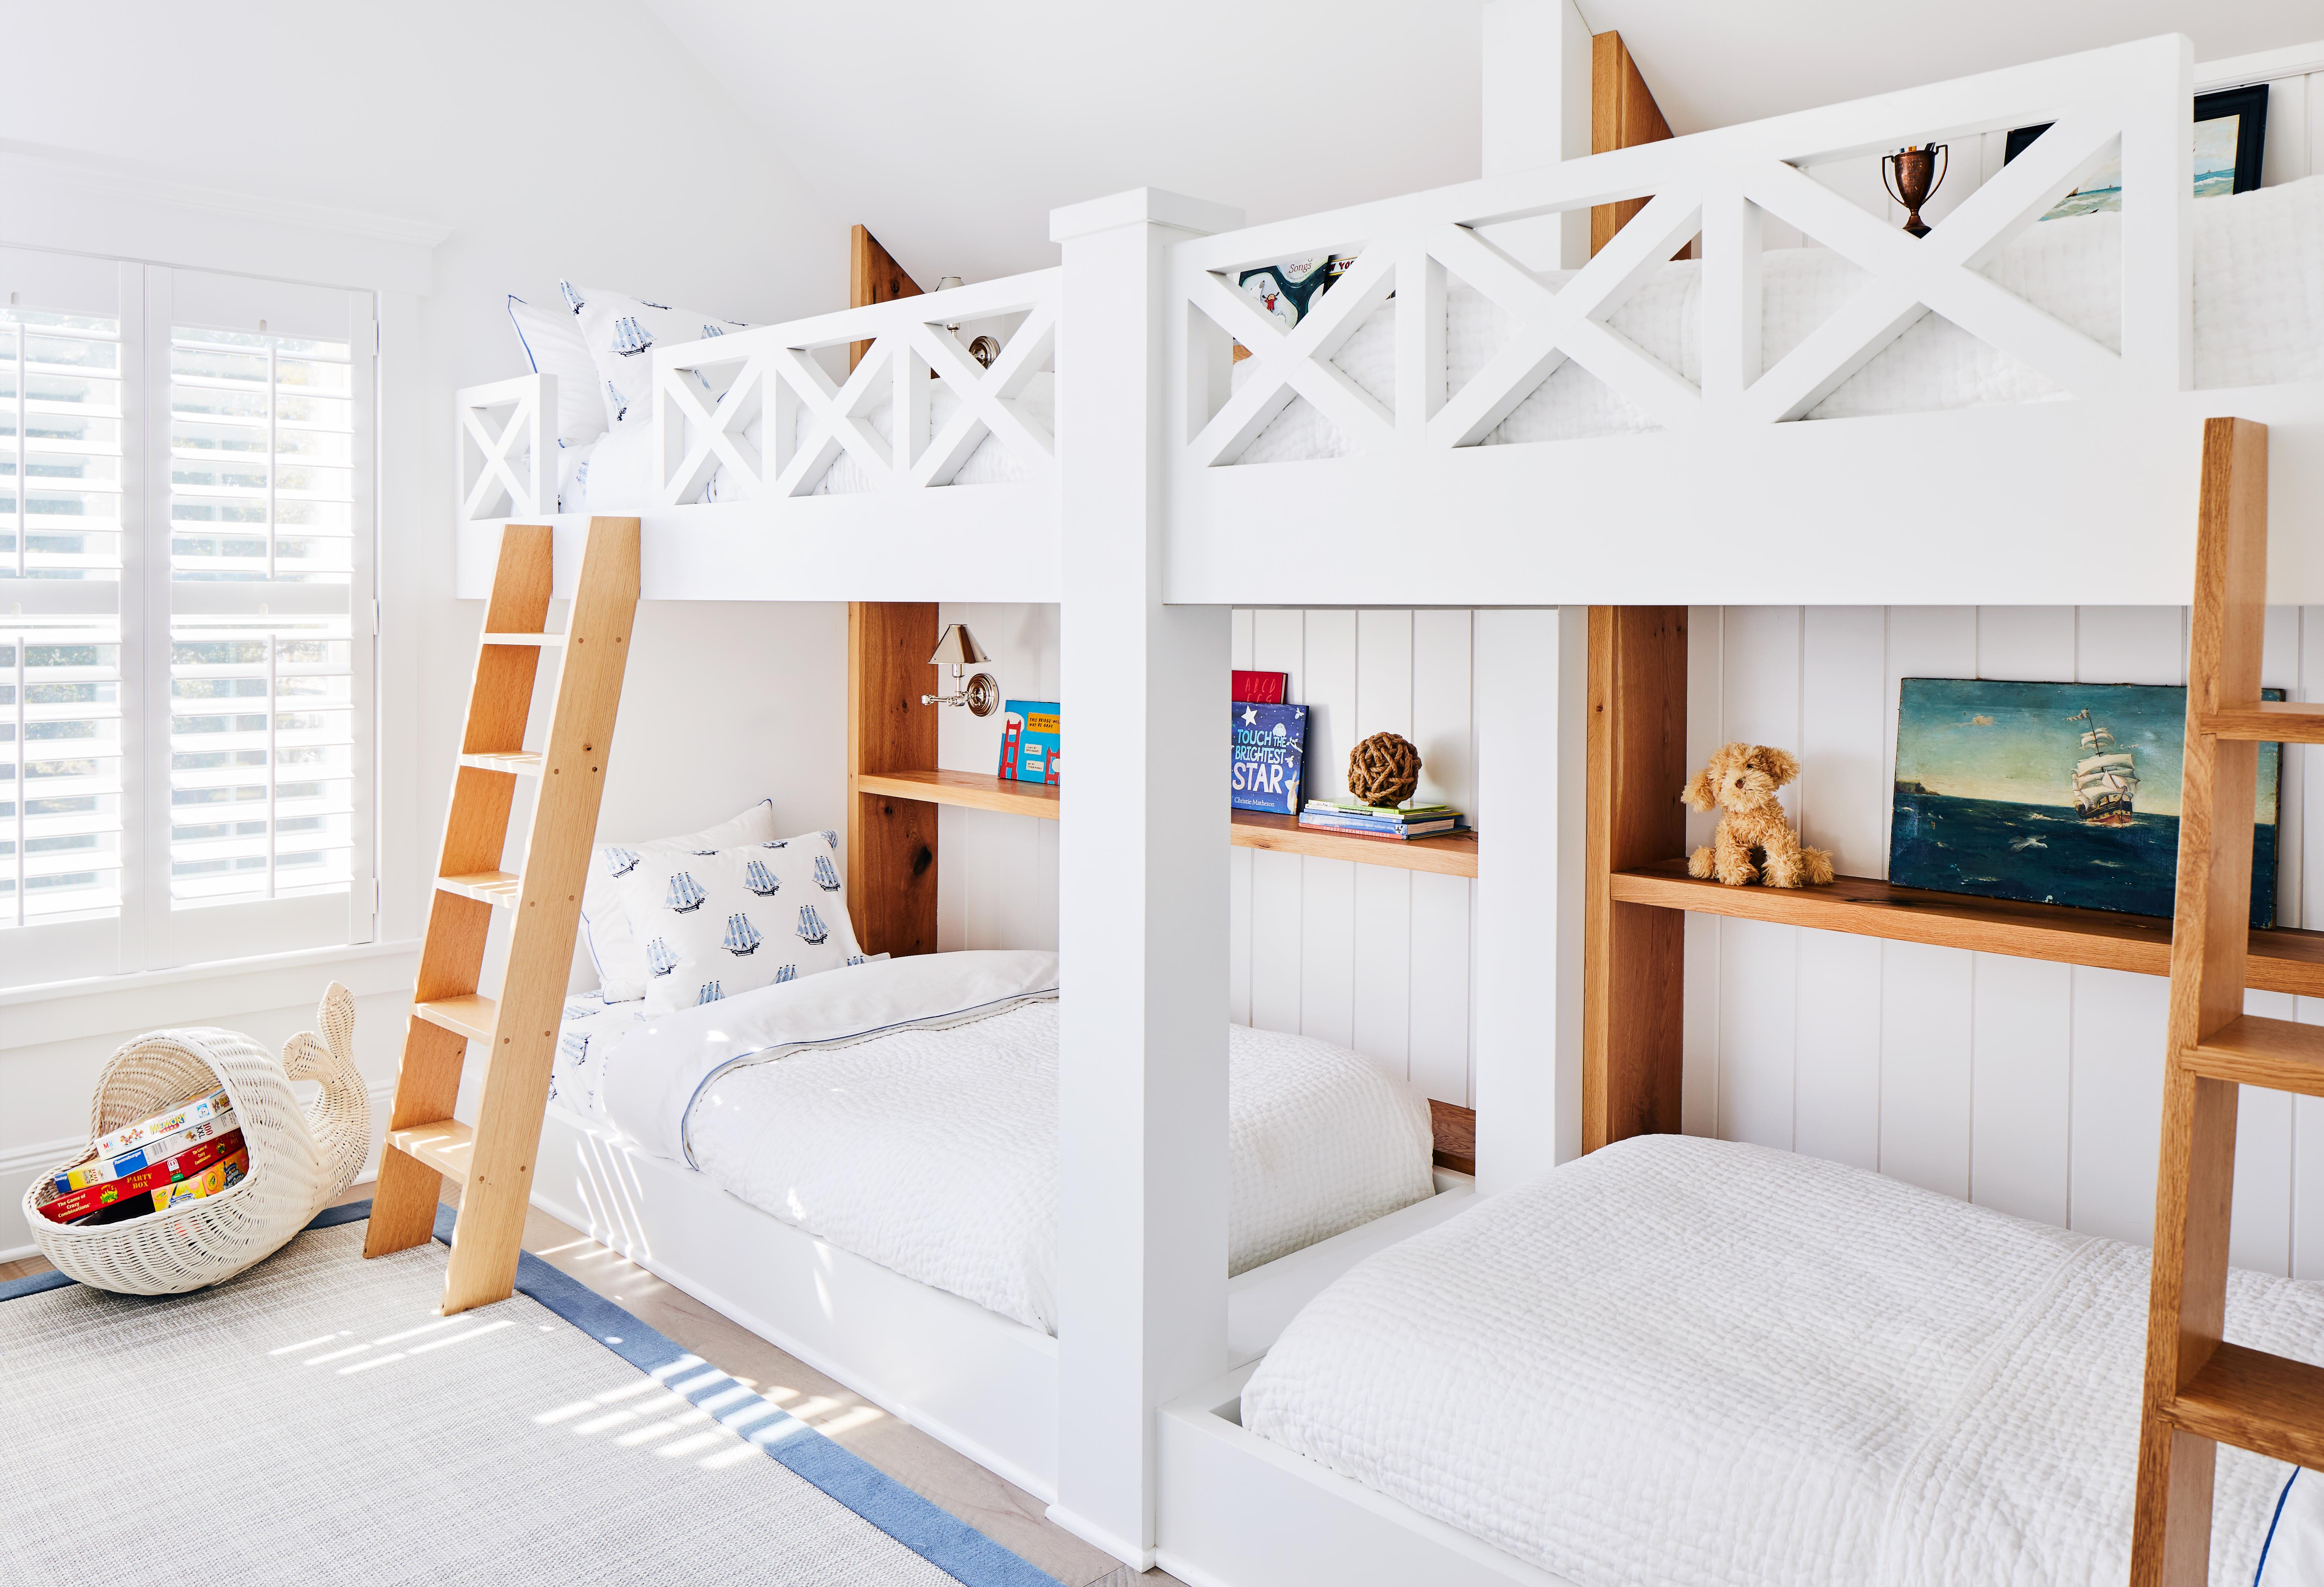 children's bedroom with bunkbeds